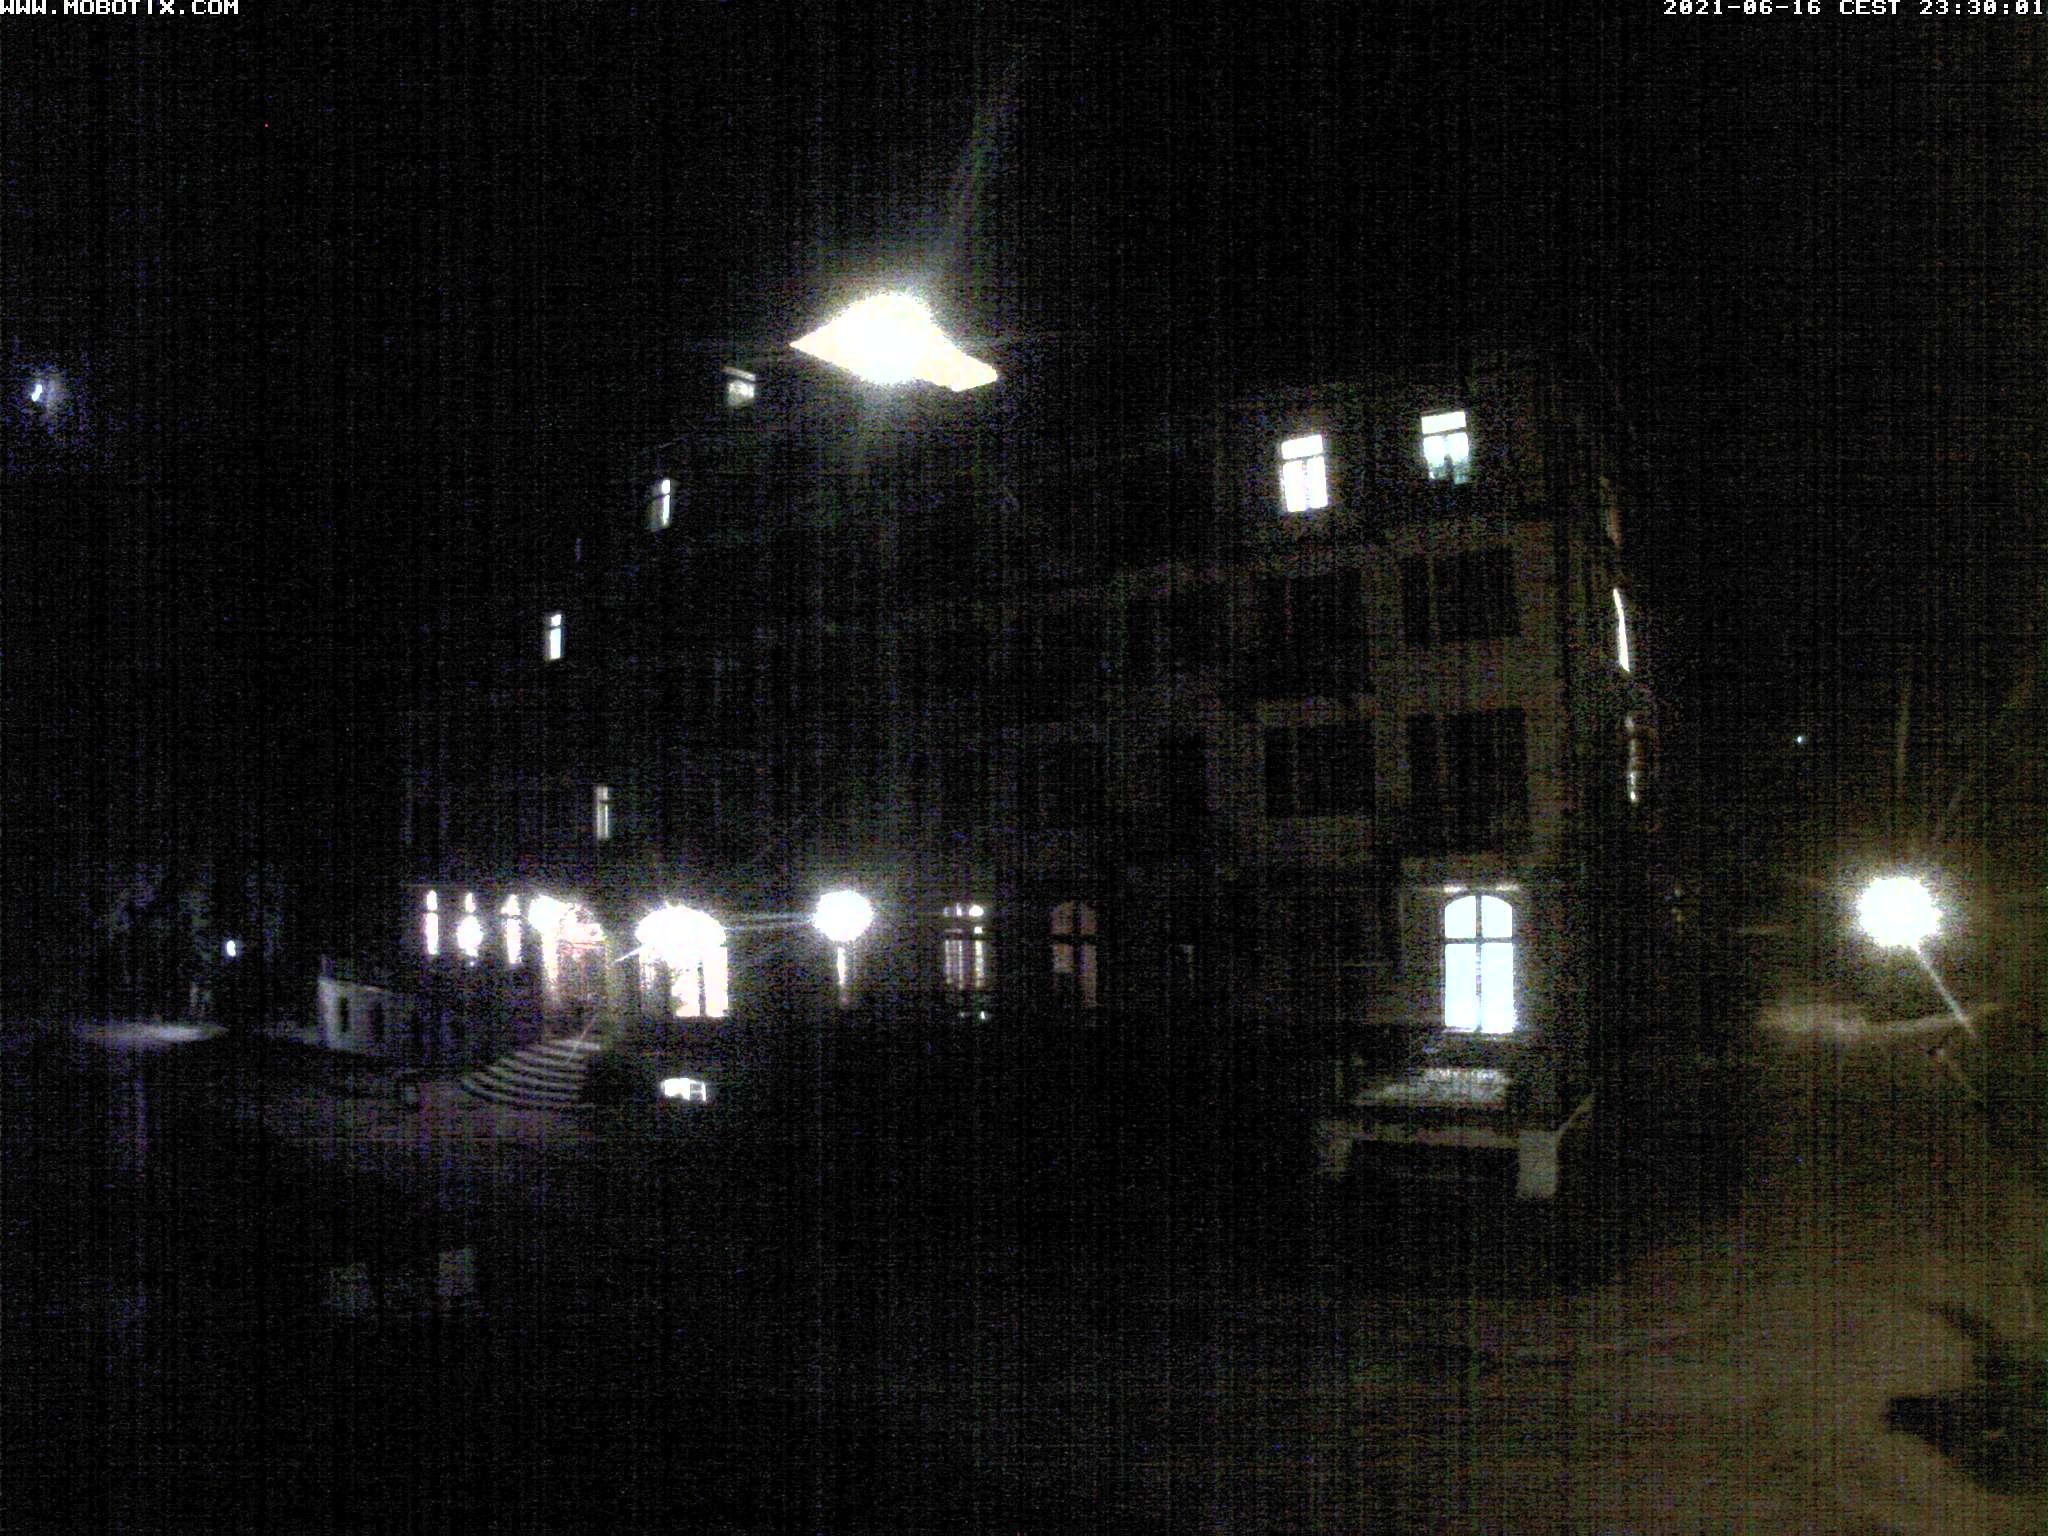 8h ago - 23:30